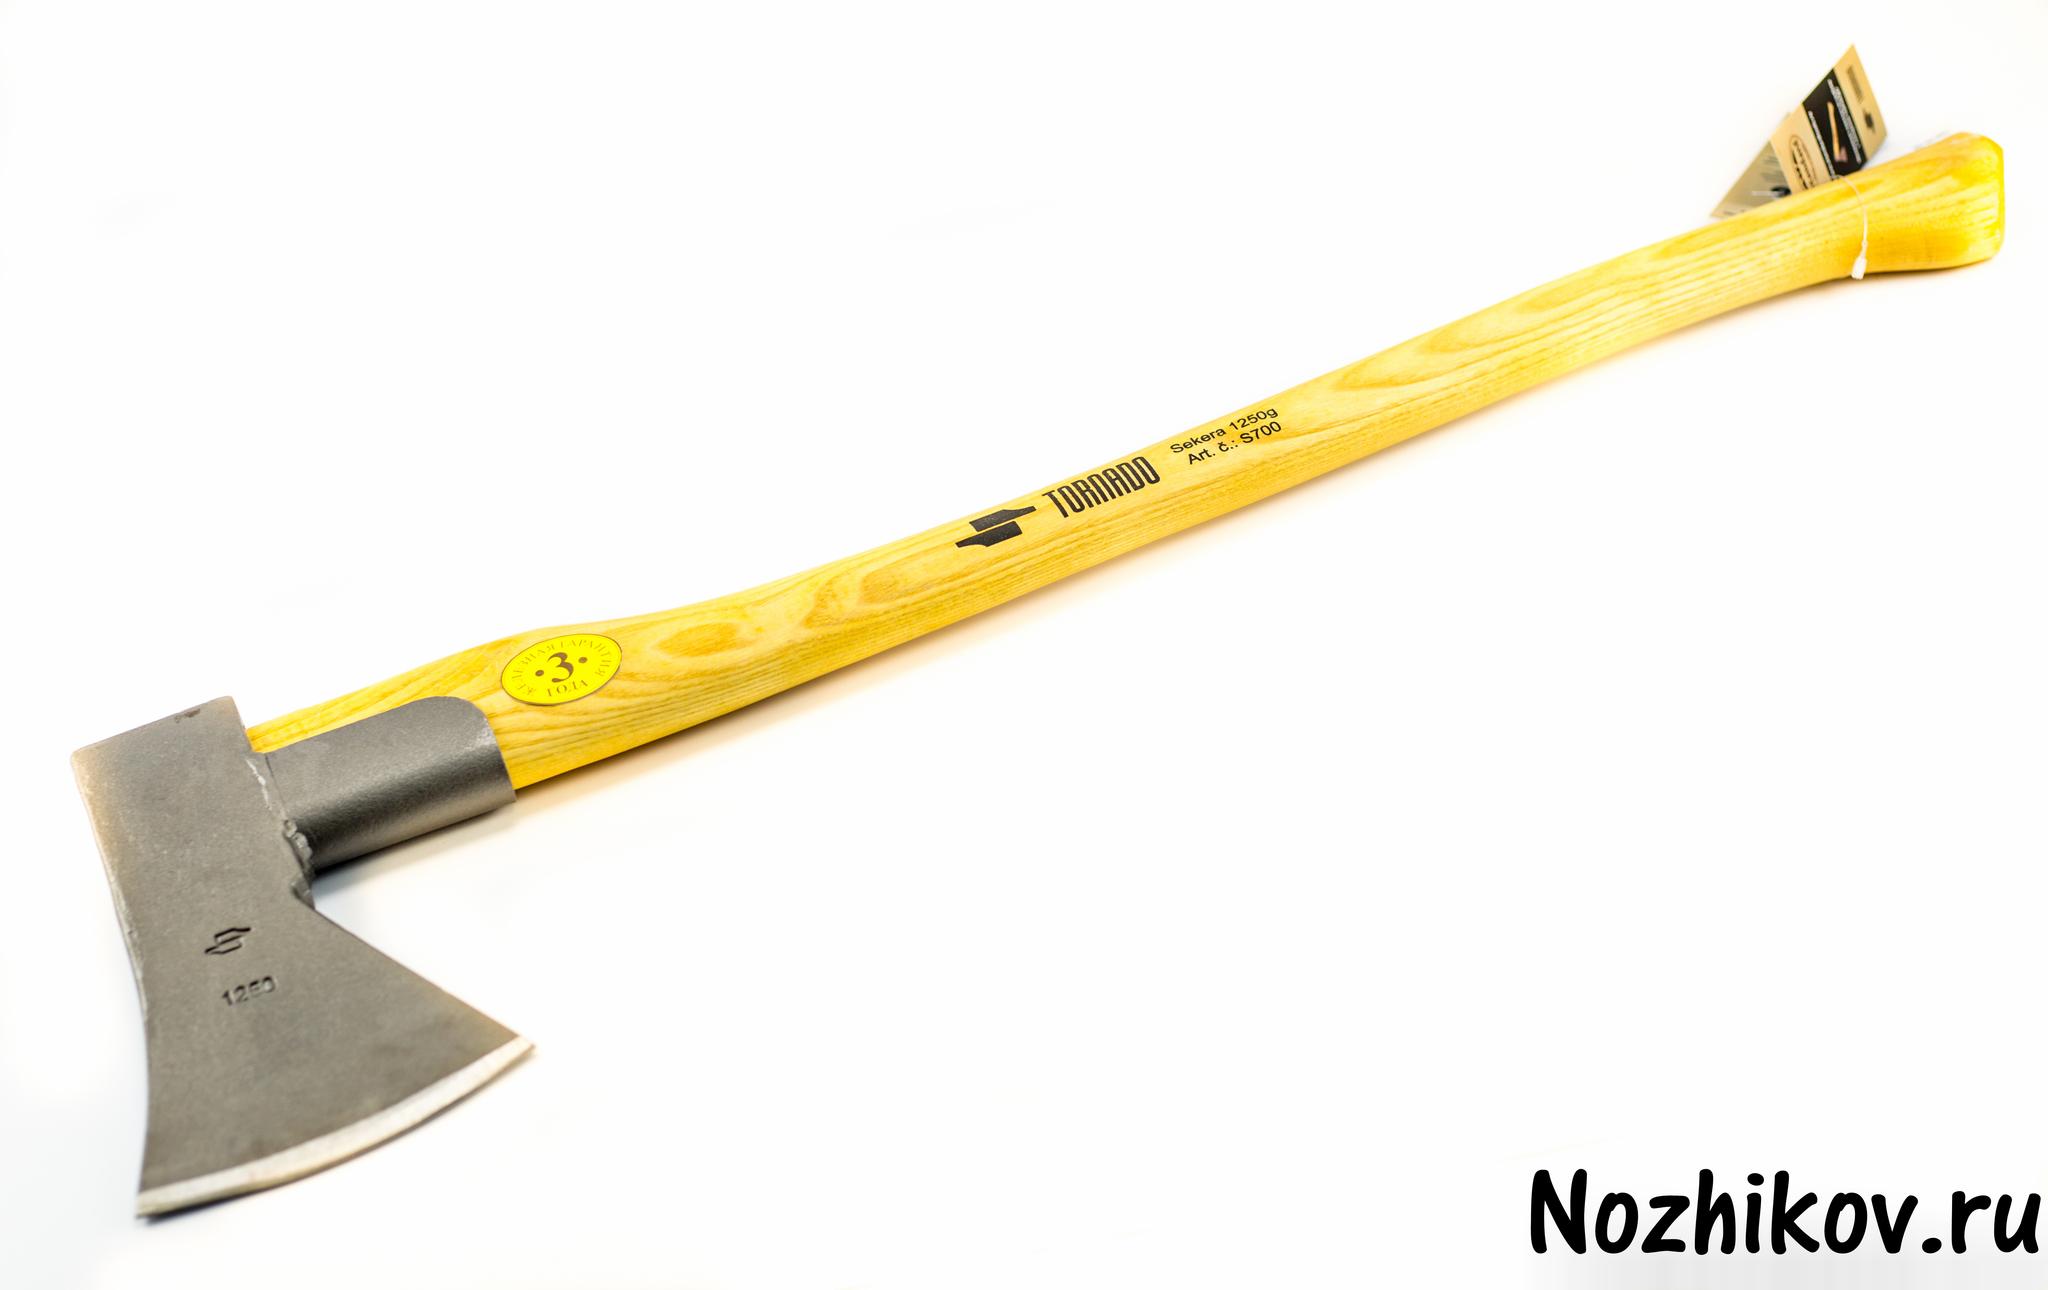 Универсальный двуручный топор S700Ножи по видам стали<br>Головка кованная, сделана из инструментальной кованой стали СК 45. Зона лезвия закалена на глубину 10 мм до прочности 52 - 53 единицы. Топорище из ясеня.Уникальная технология крепления рабочей части и топорища (клин + 2 металлических втулки).Защитный чехол для лезвия.Специальная металлическая манжета (гарантированная защита от перелома припромахивании).<br>Вес насадки -1250 гДлина рукоятки - 700 мм<br>Топорик сделан в Словакии.Произведено по европейскому стандарту качества.<br>